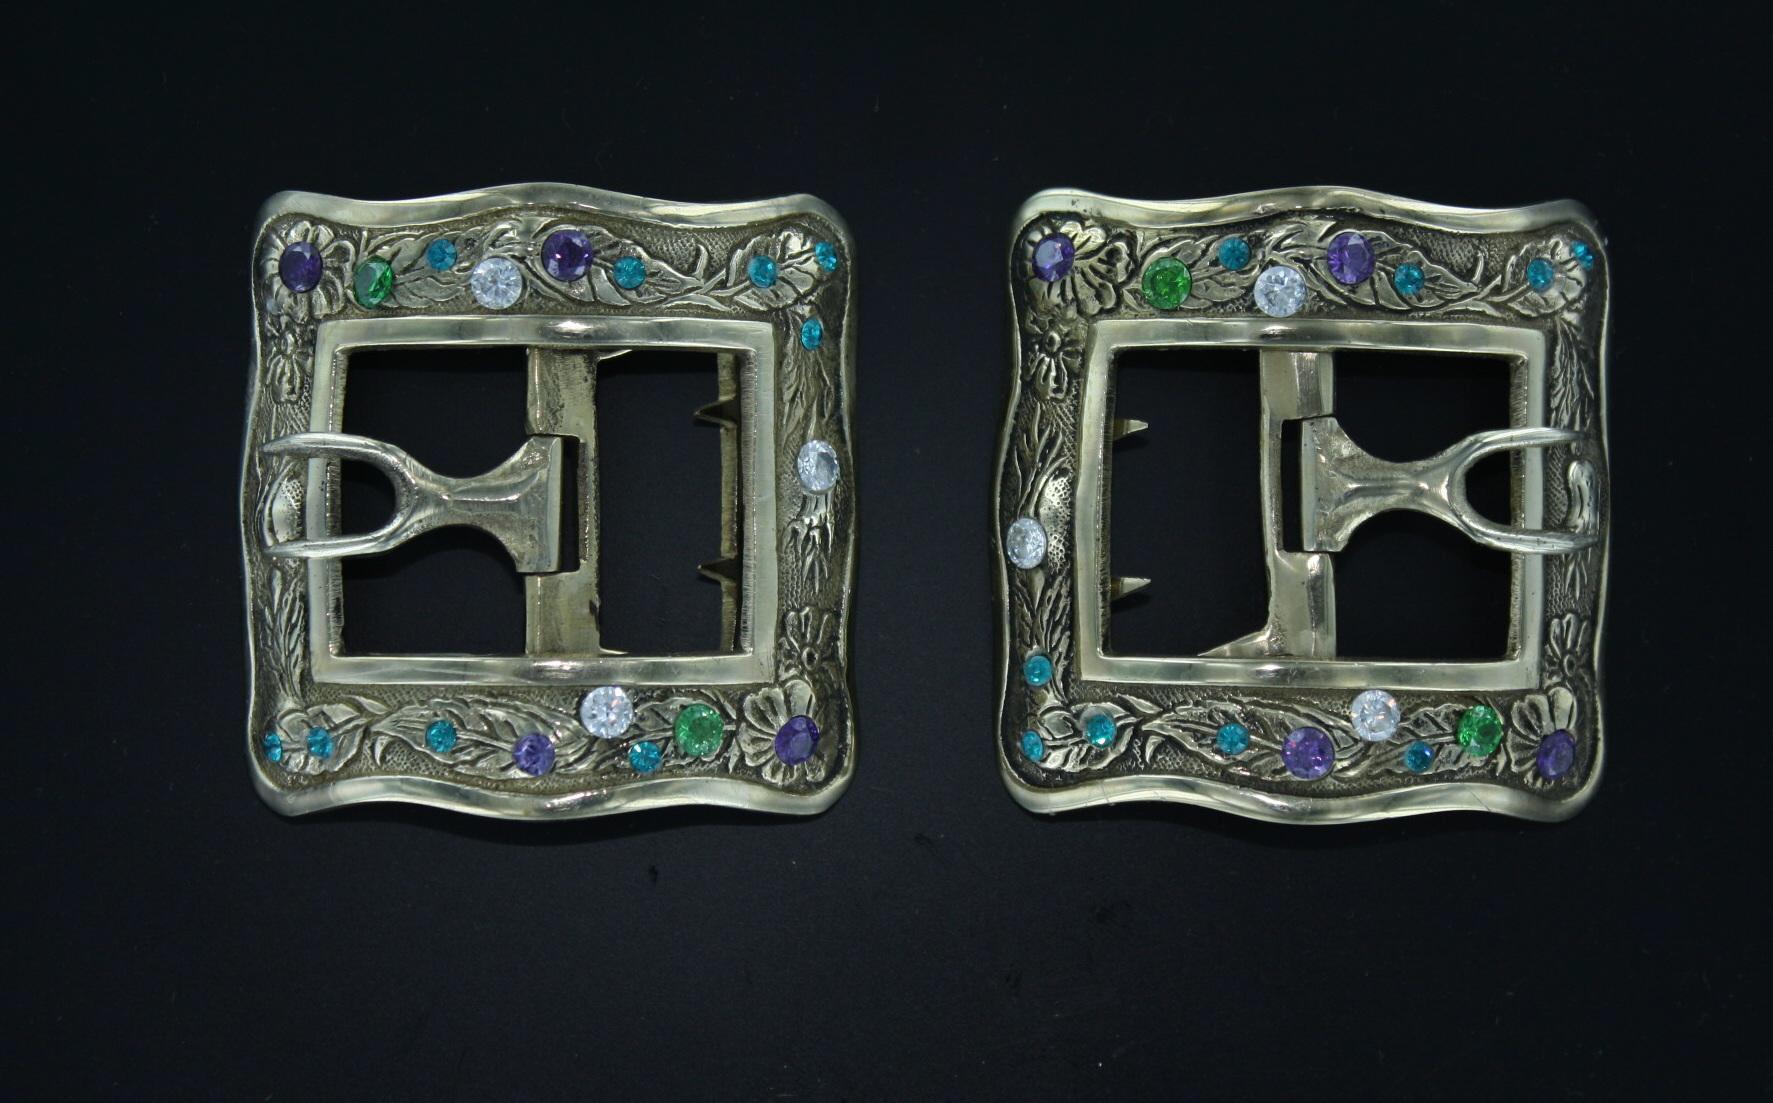 Jeweled shoe buckle